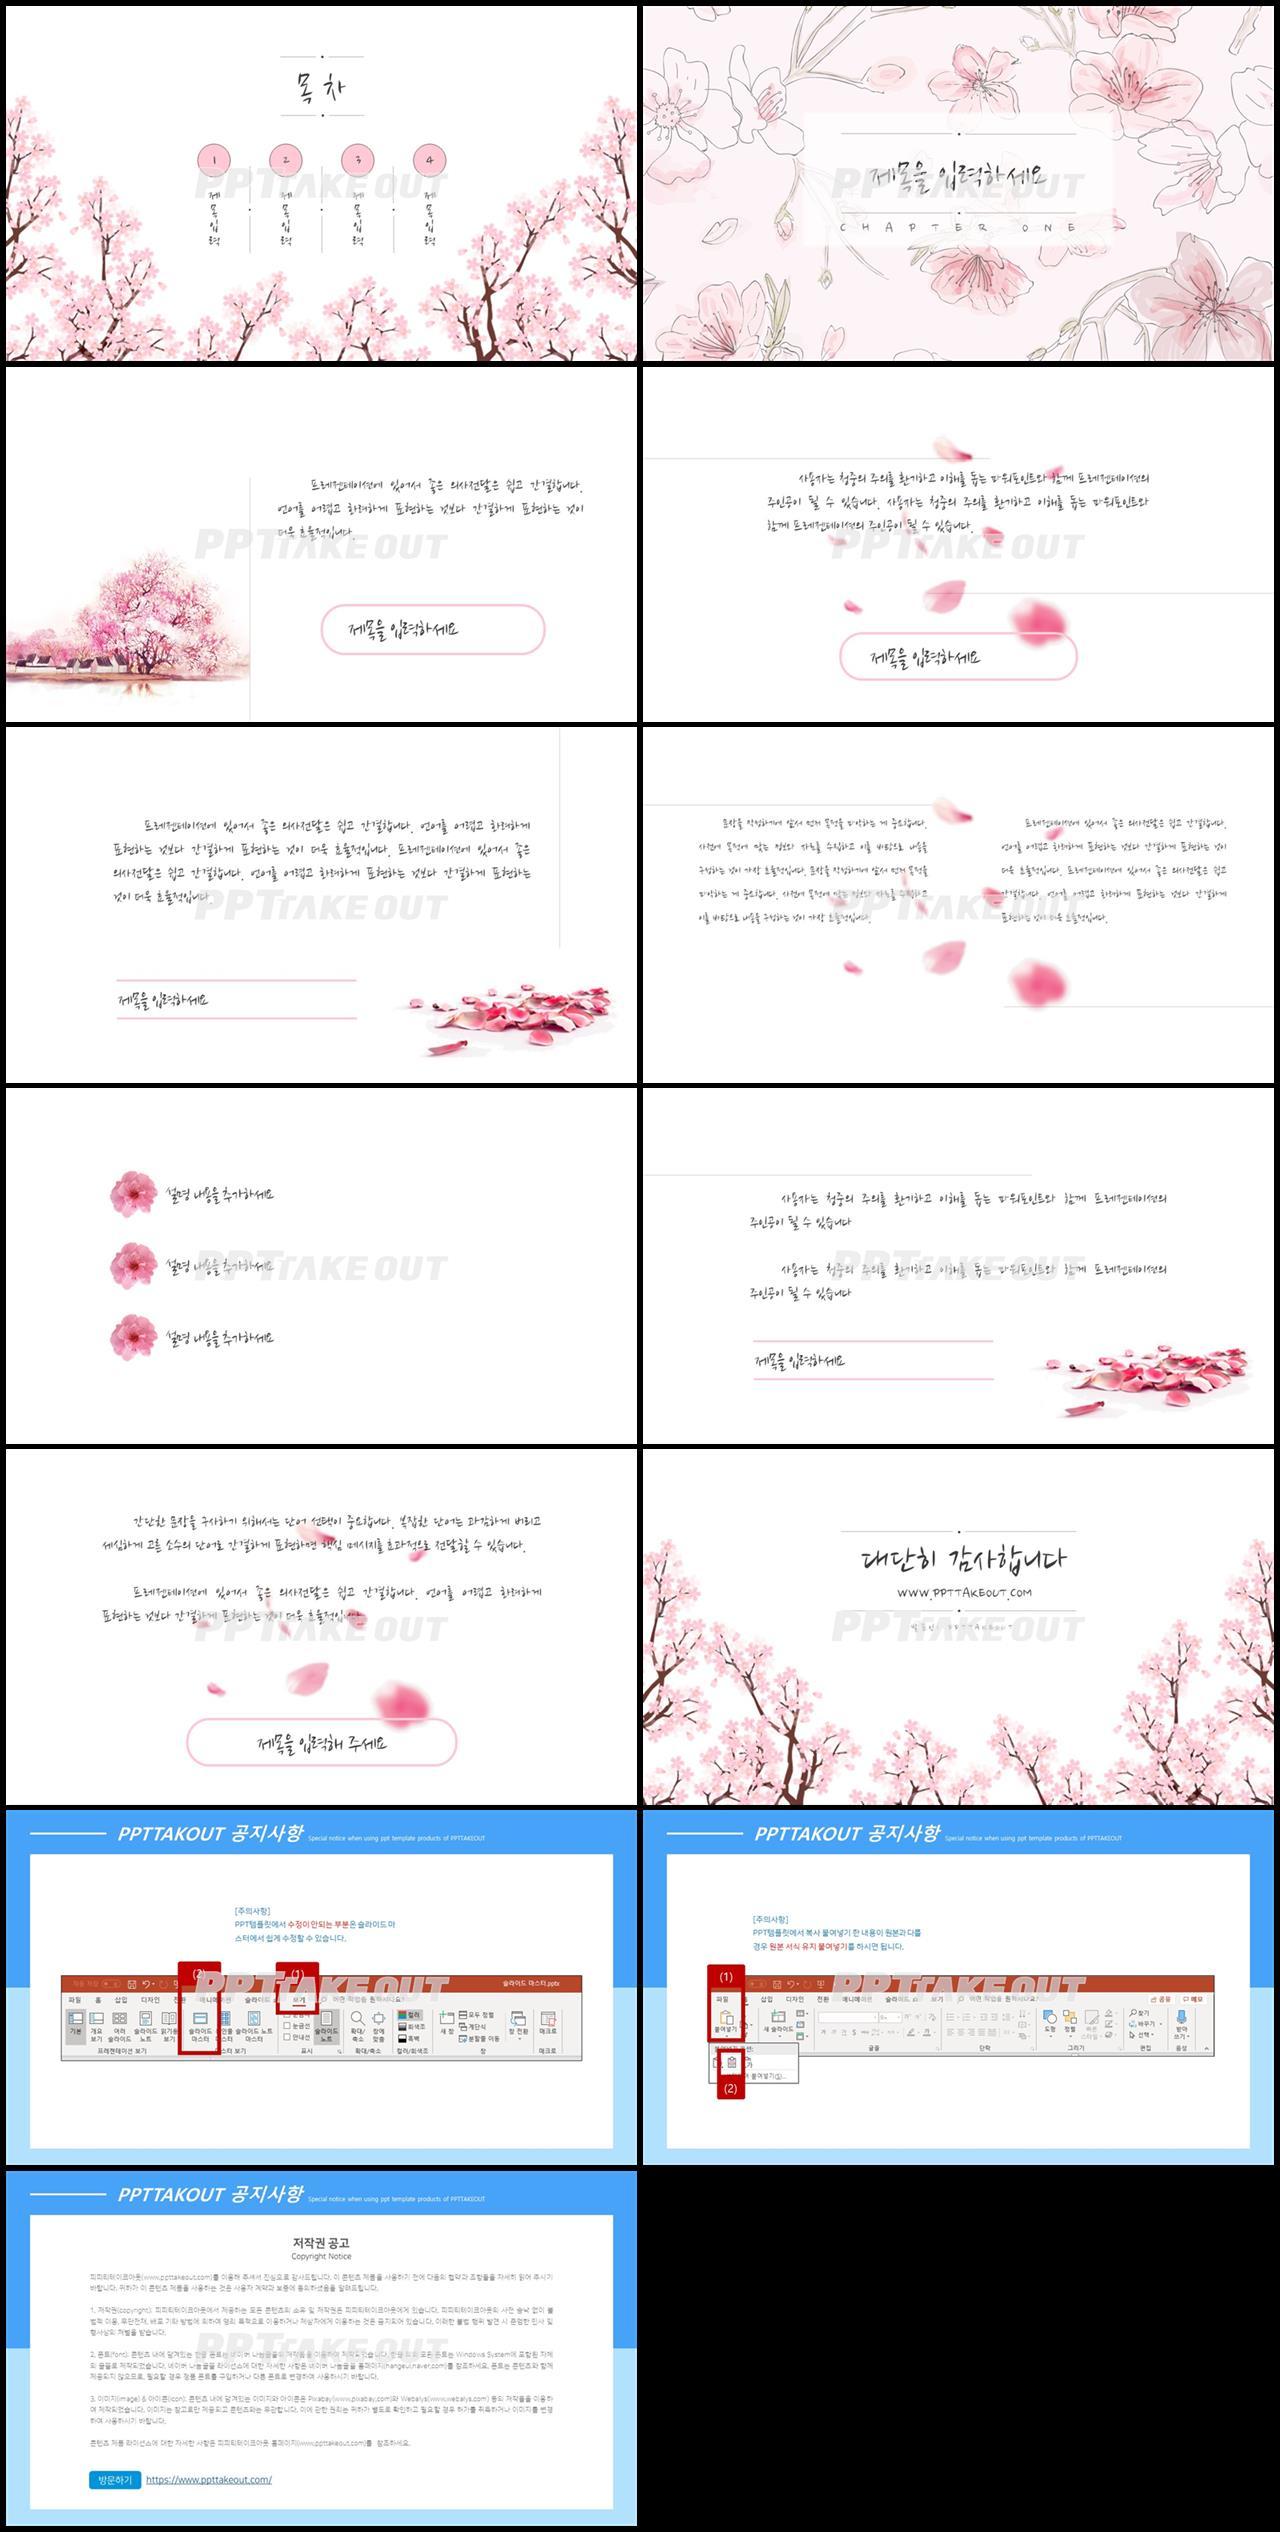 분홍색 수채화 멋진 무료 PPT양식 다운로드 상세보기